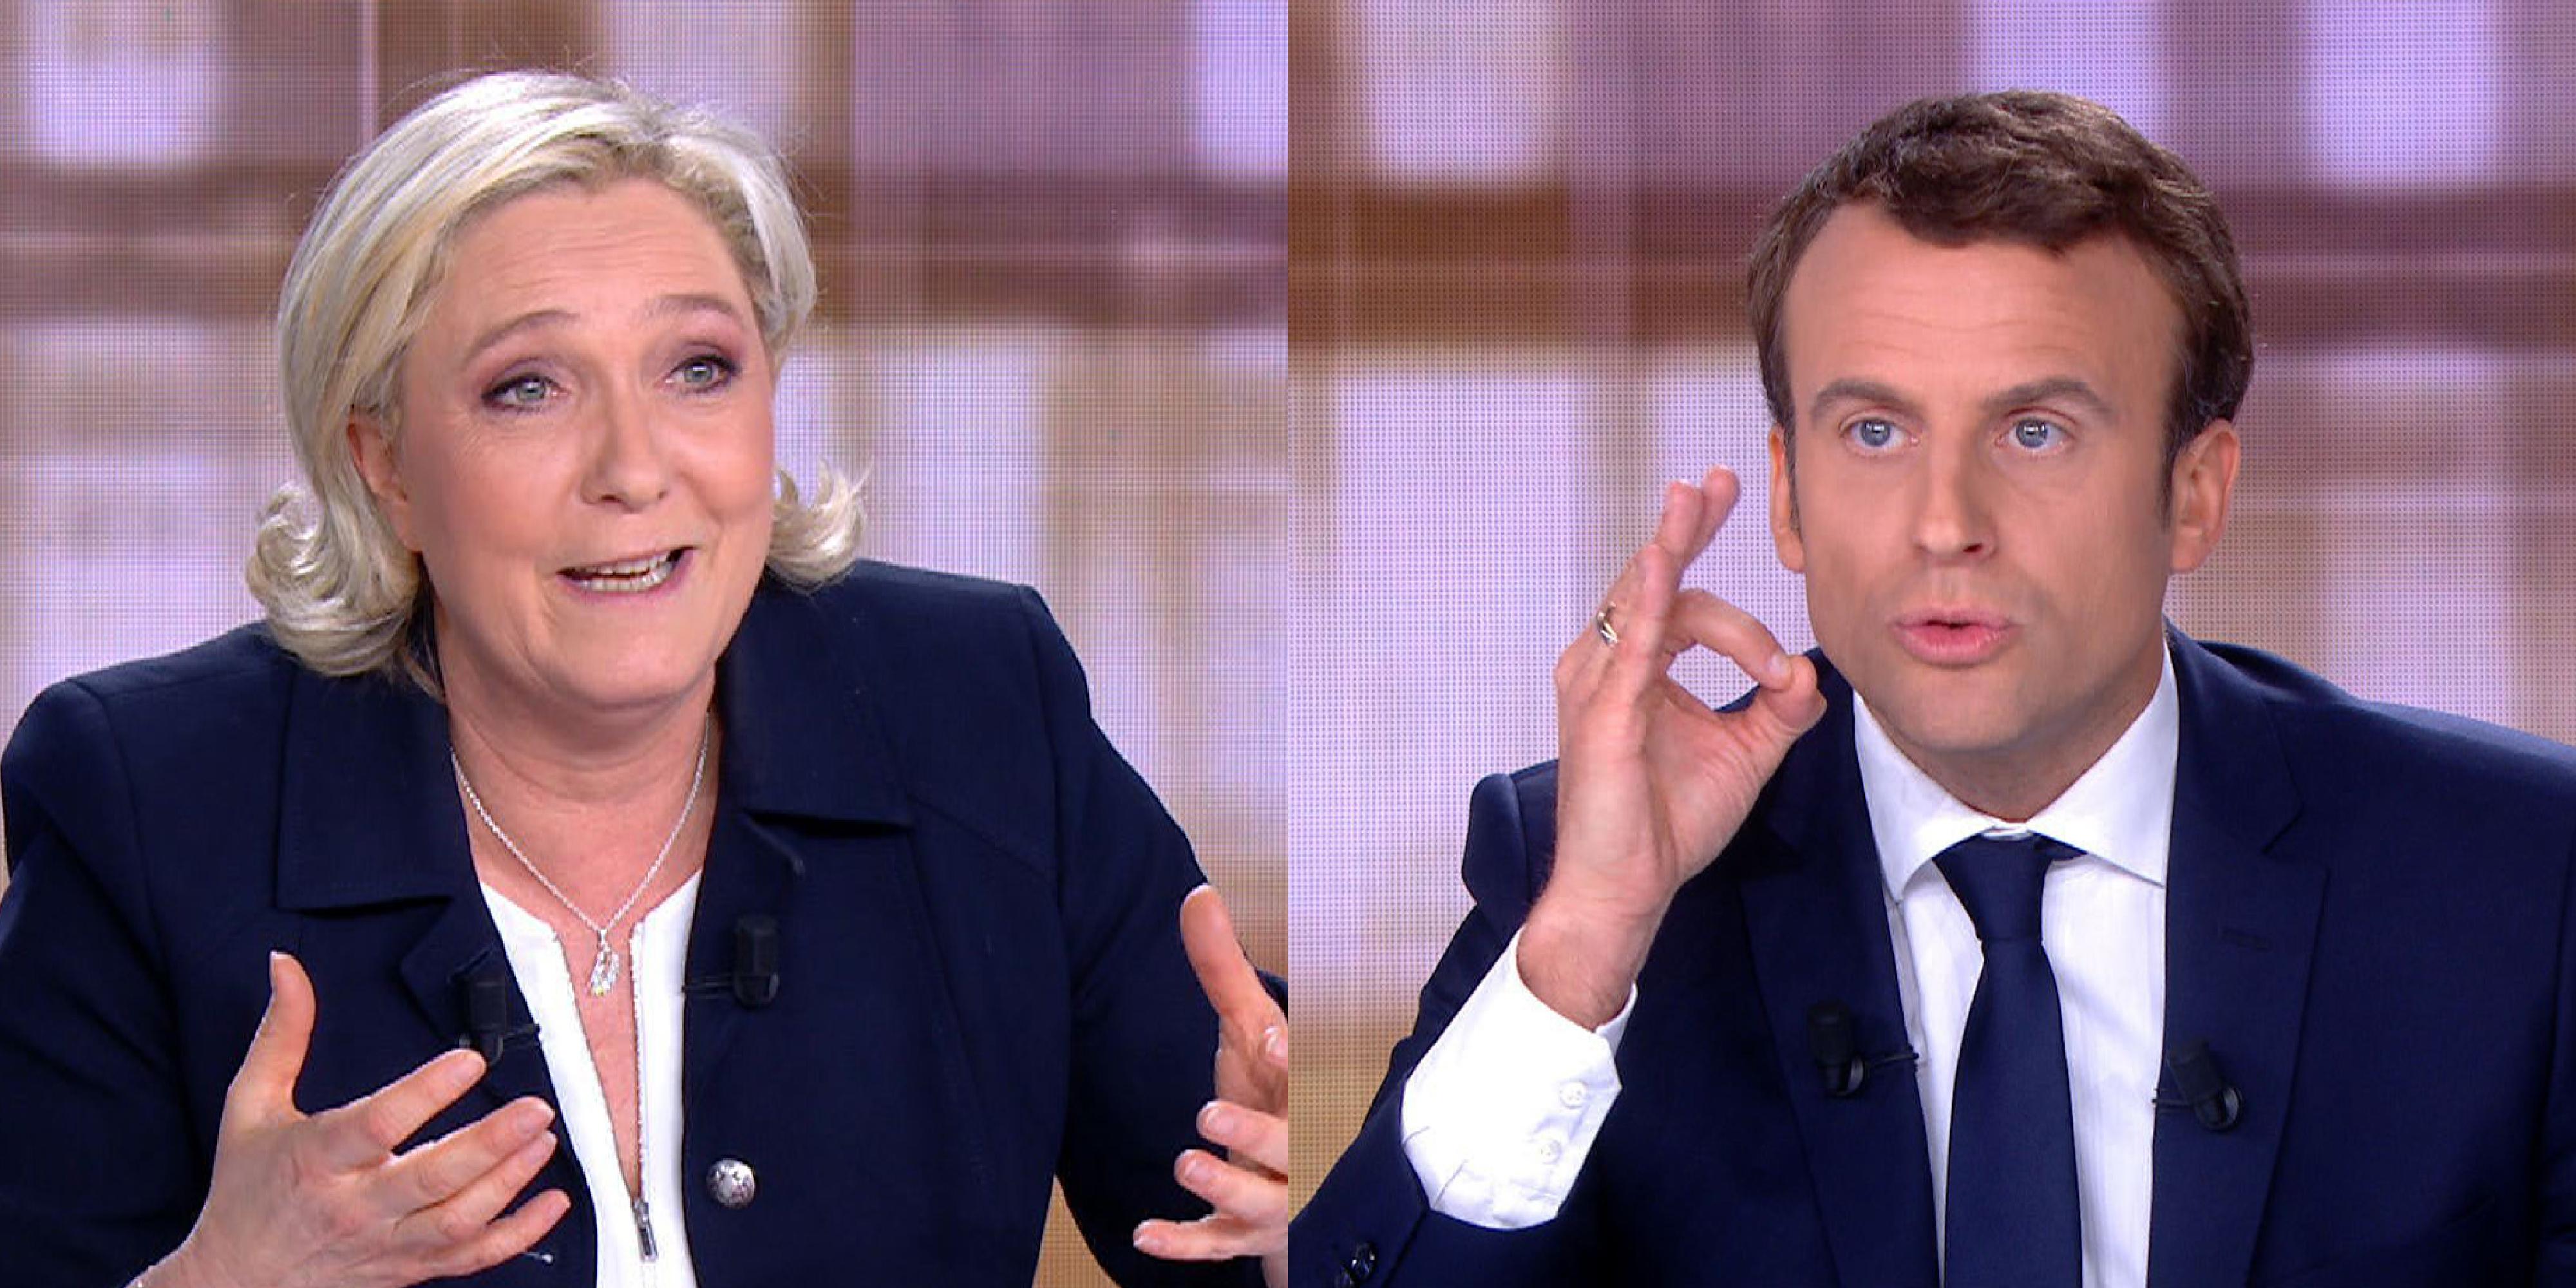 Brutális sértegetőpárbajjá fajult Macron és Le Pen első tévévitája